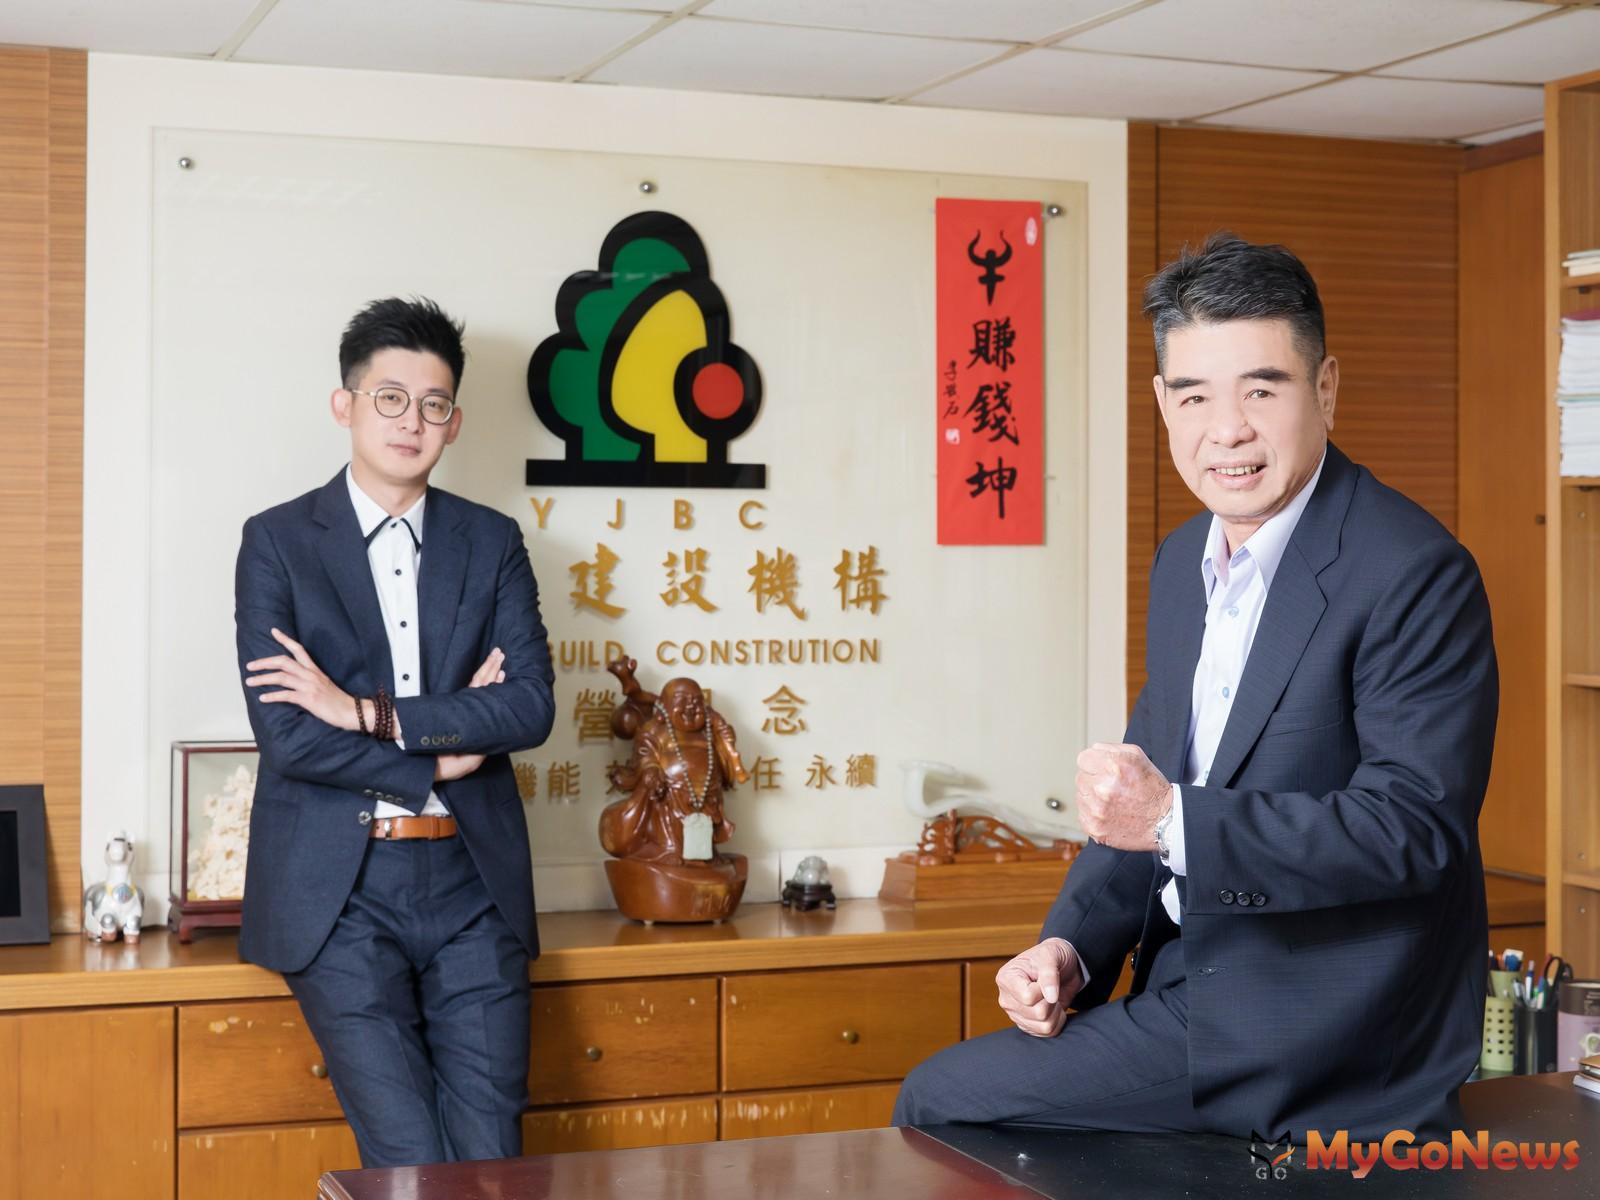 易家機構董事長李明鏡(右)將公司經營傳承給青和建設總經理李柏城(左)期許「青出於藍勝於藍」的發展。 MyGoNews房地產新聞 專題報導